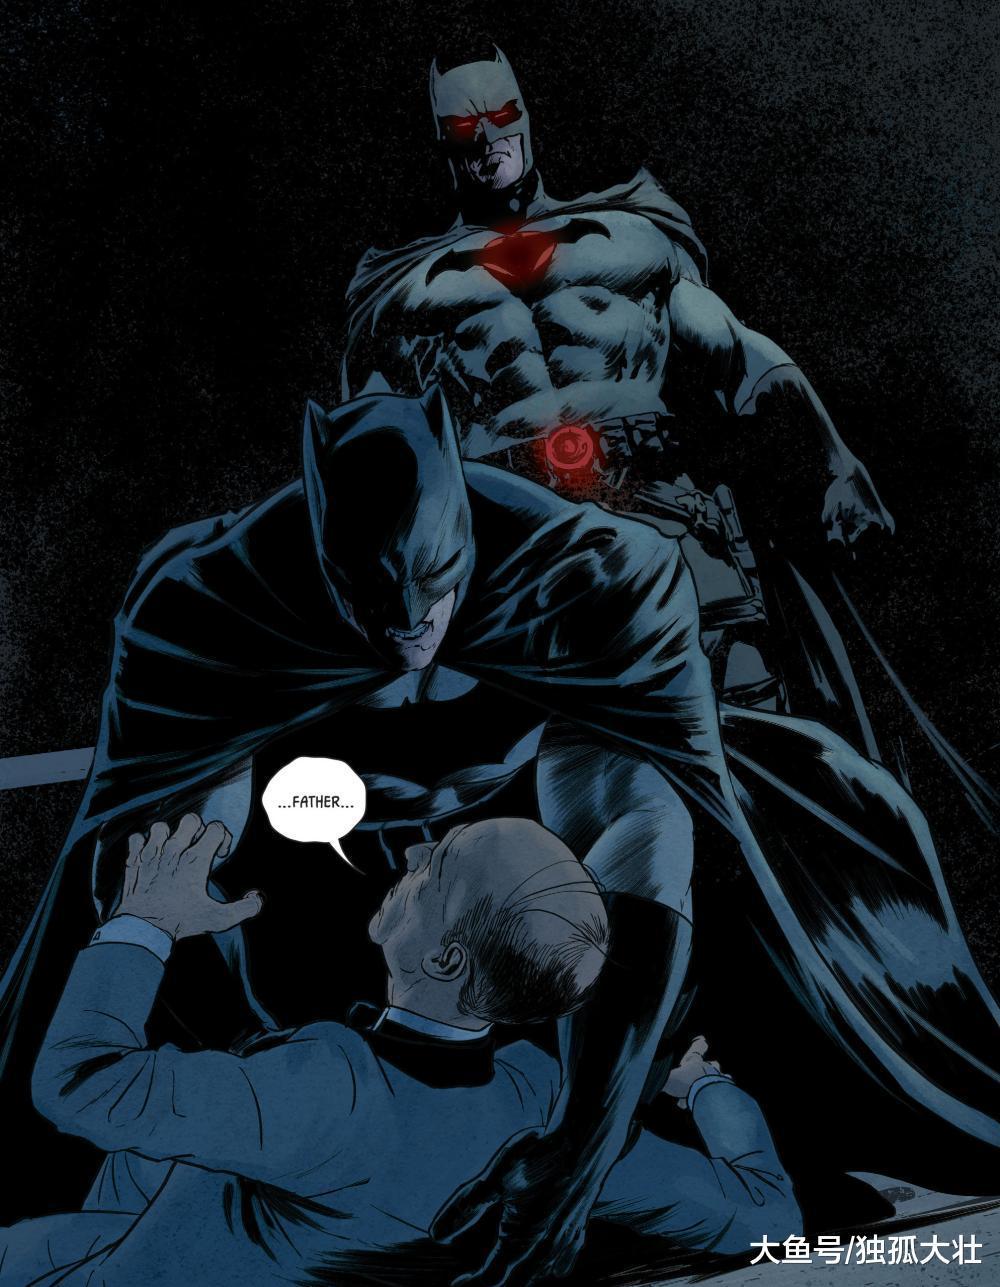 《蝙蝠侠: 暴君之翼》托马斯终于出现, 企鹅人的担心成为现实!